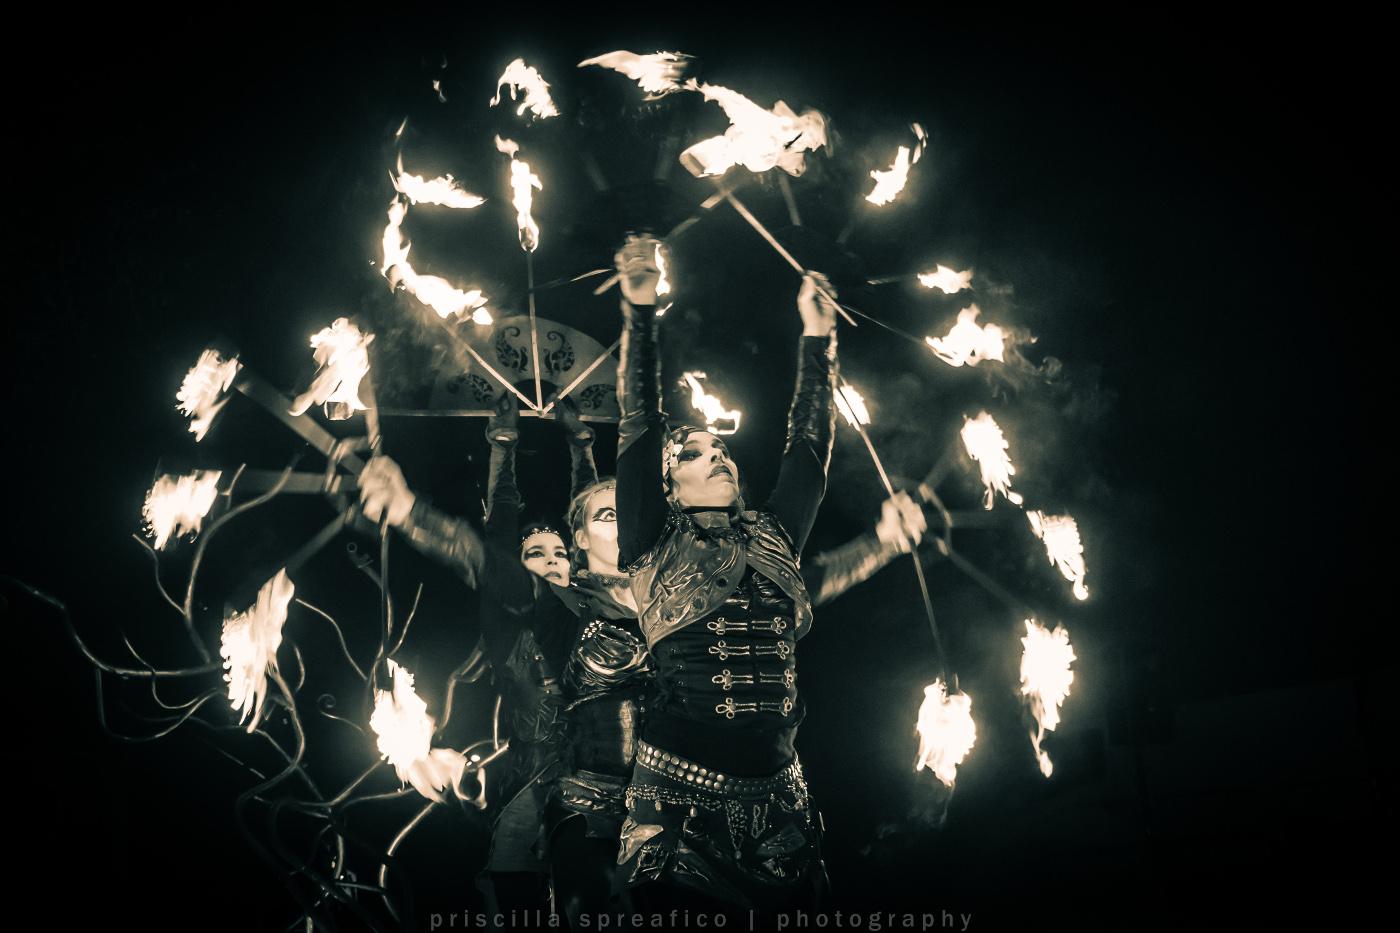 Sillumine - danse - spectacle de feu - Association APSARA Genève